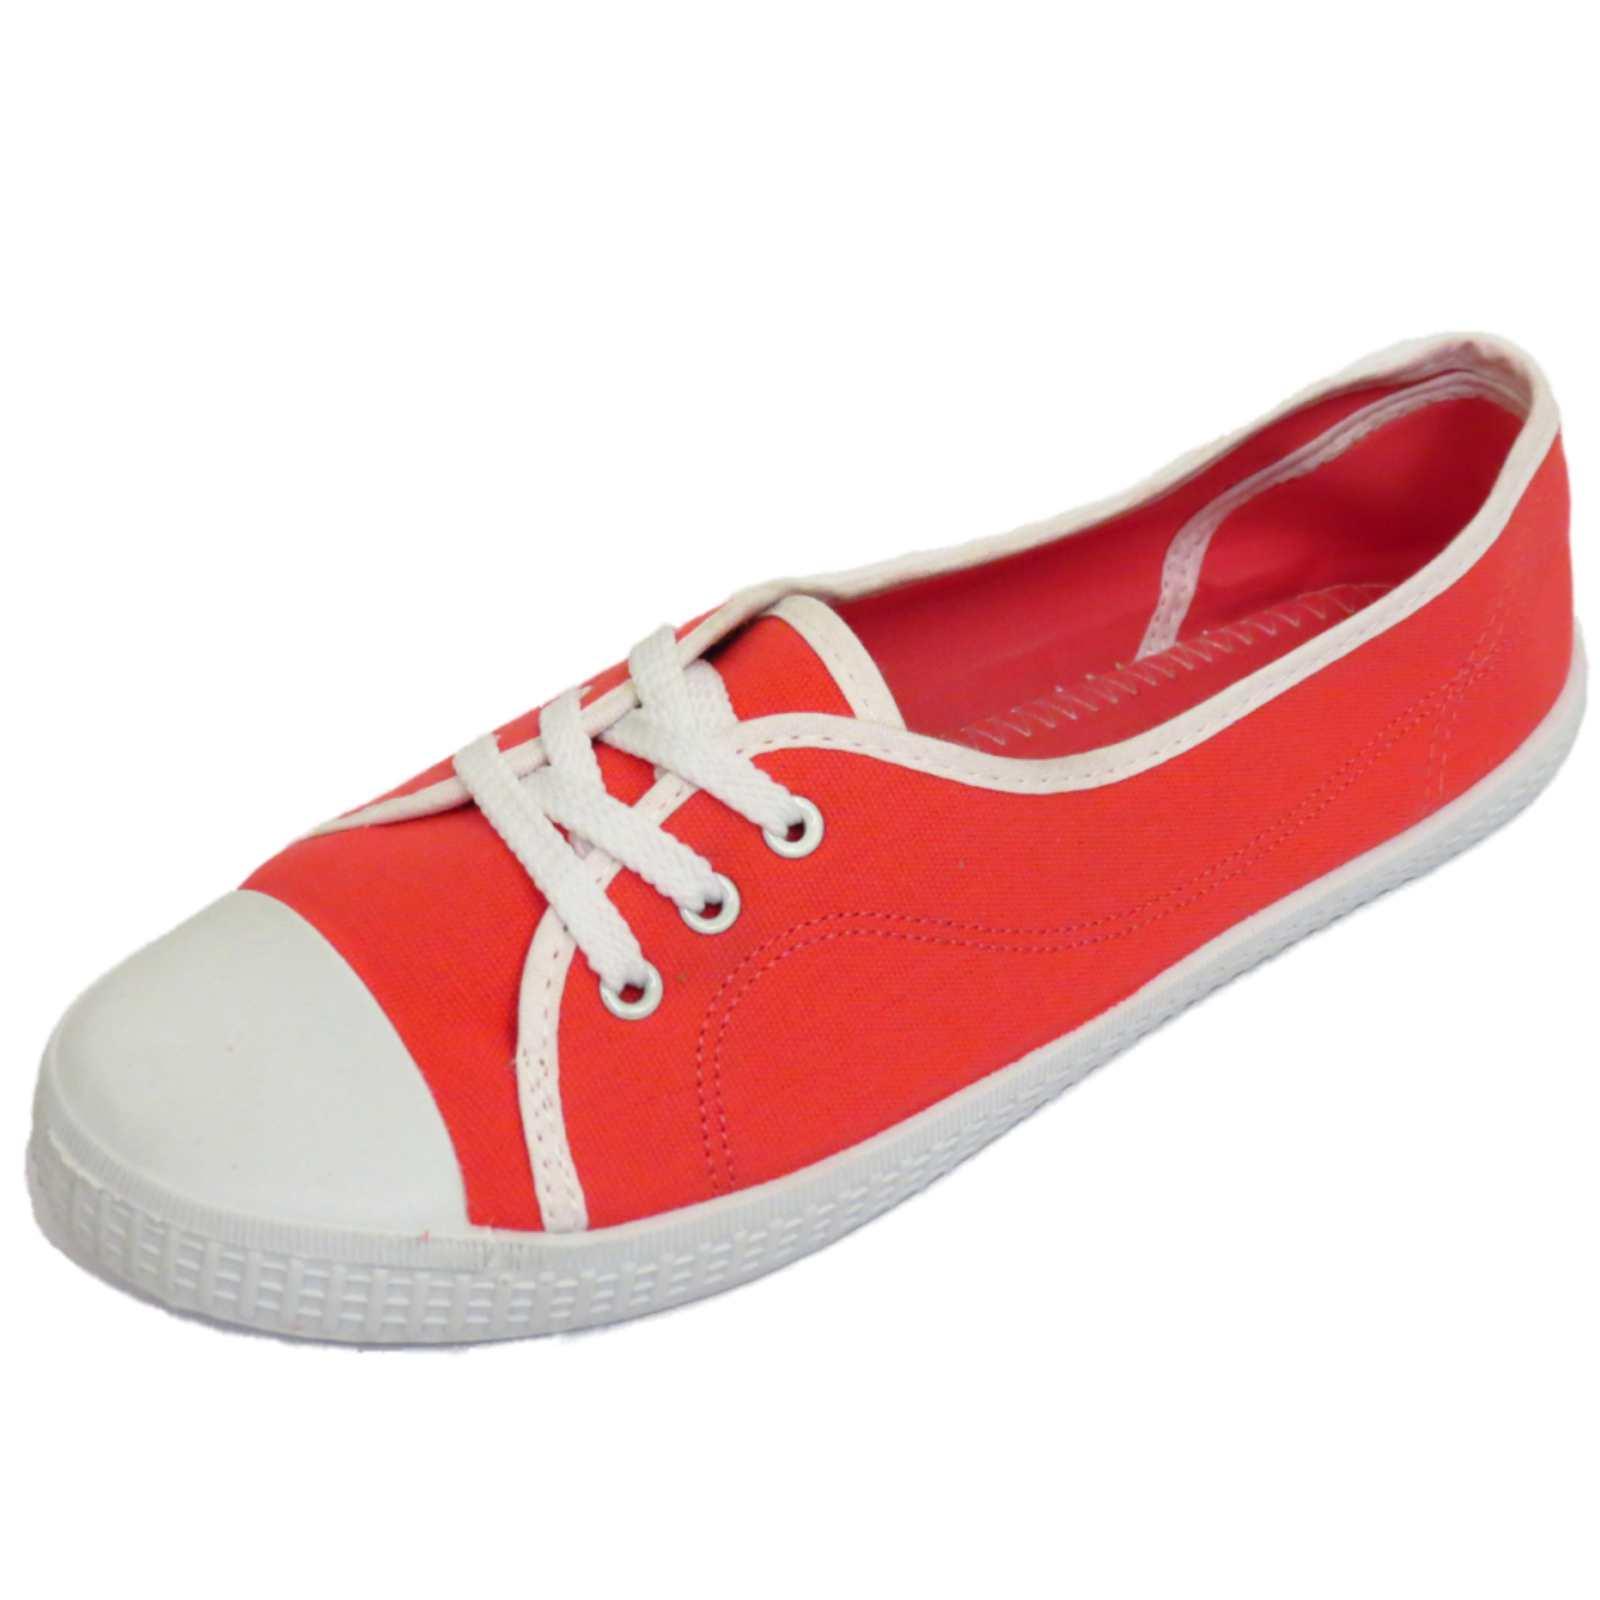 Para Mujer Coral Rojo De Lona Con Cordones Plana Entrenador Zapatillas De Tenis Zapatos De Salón Tallas 3-9